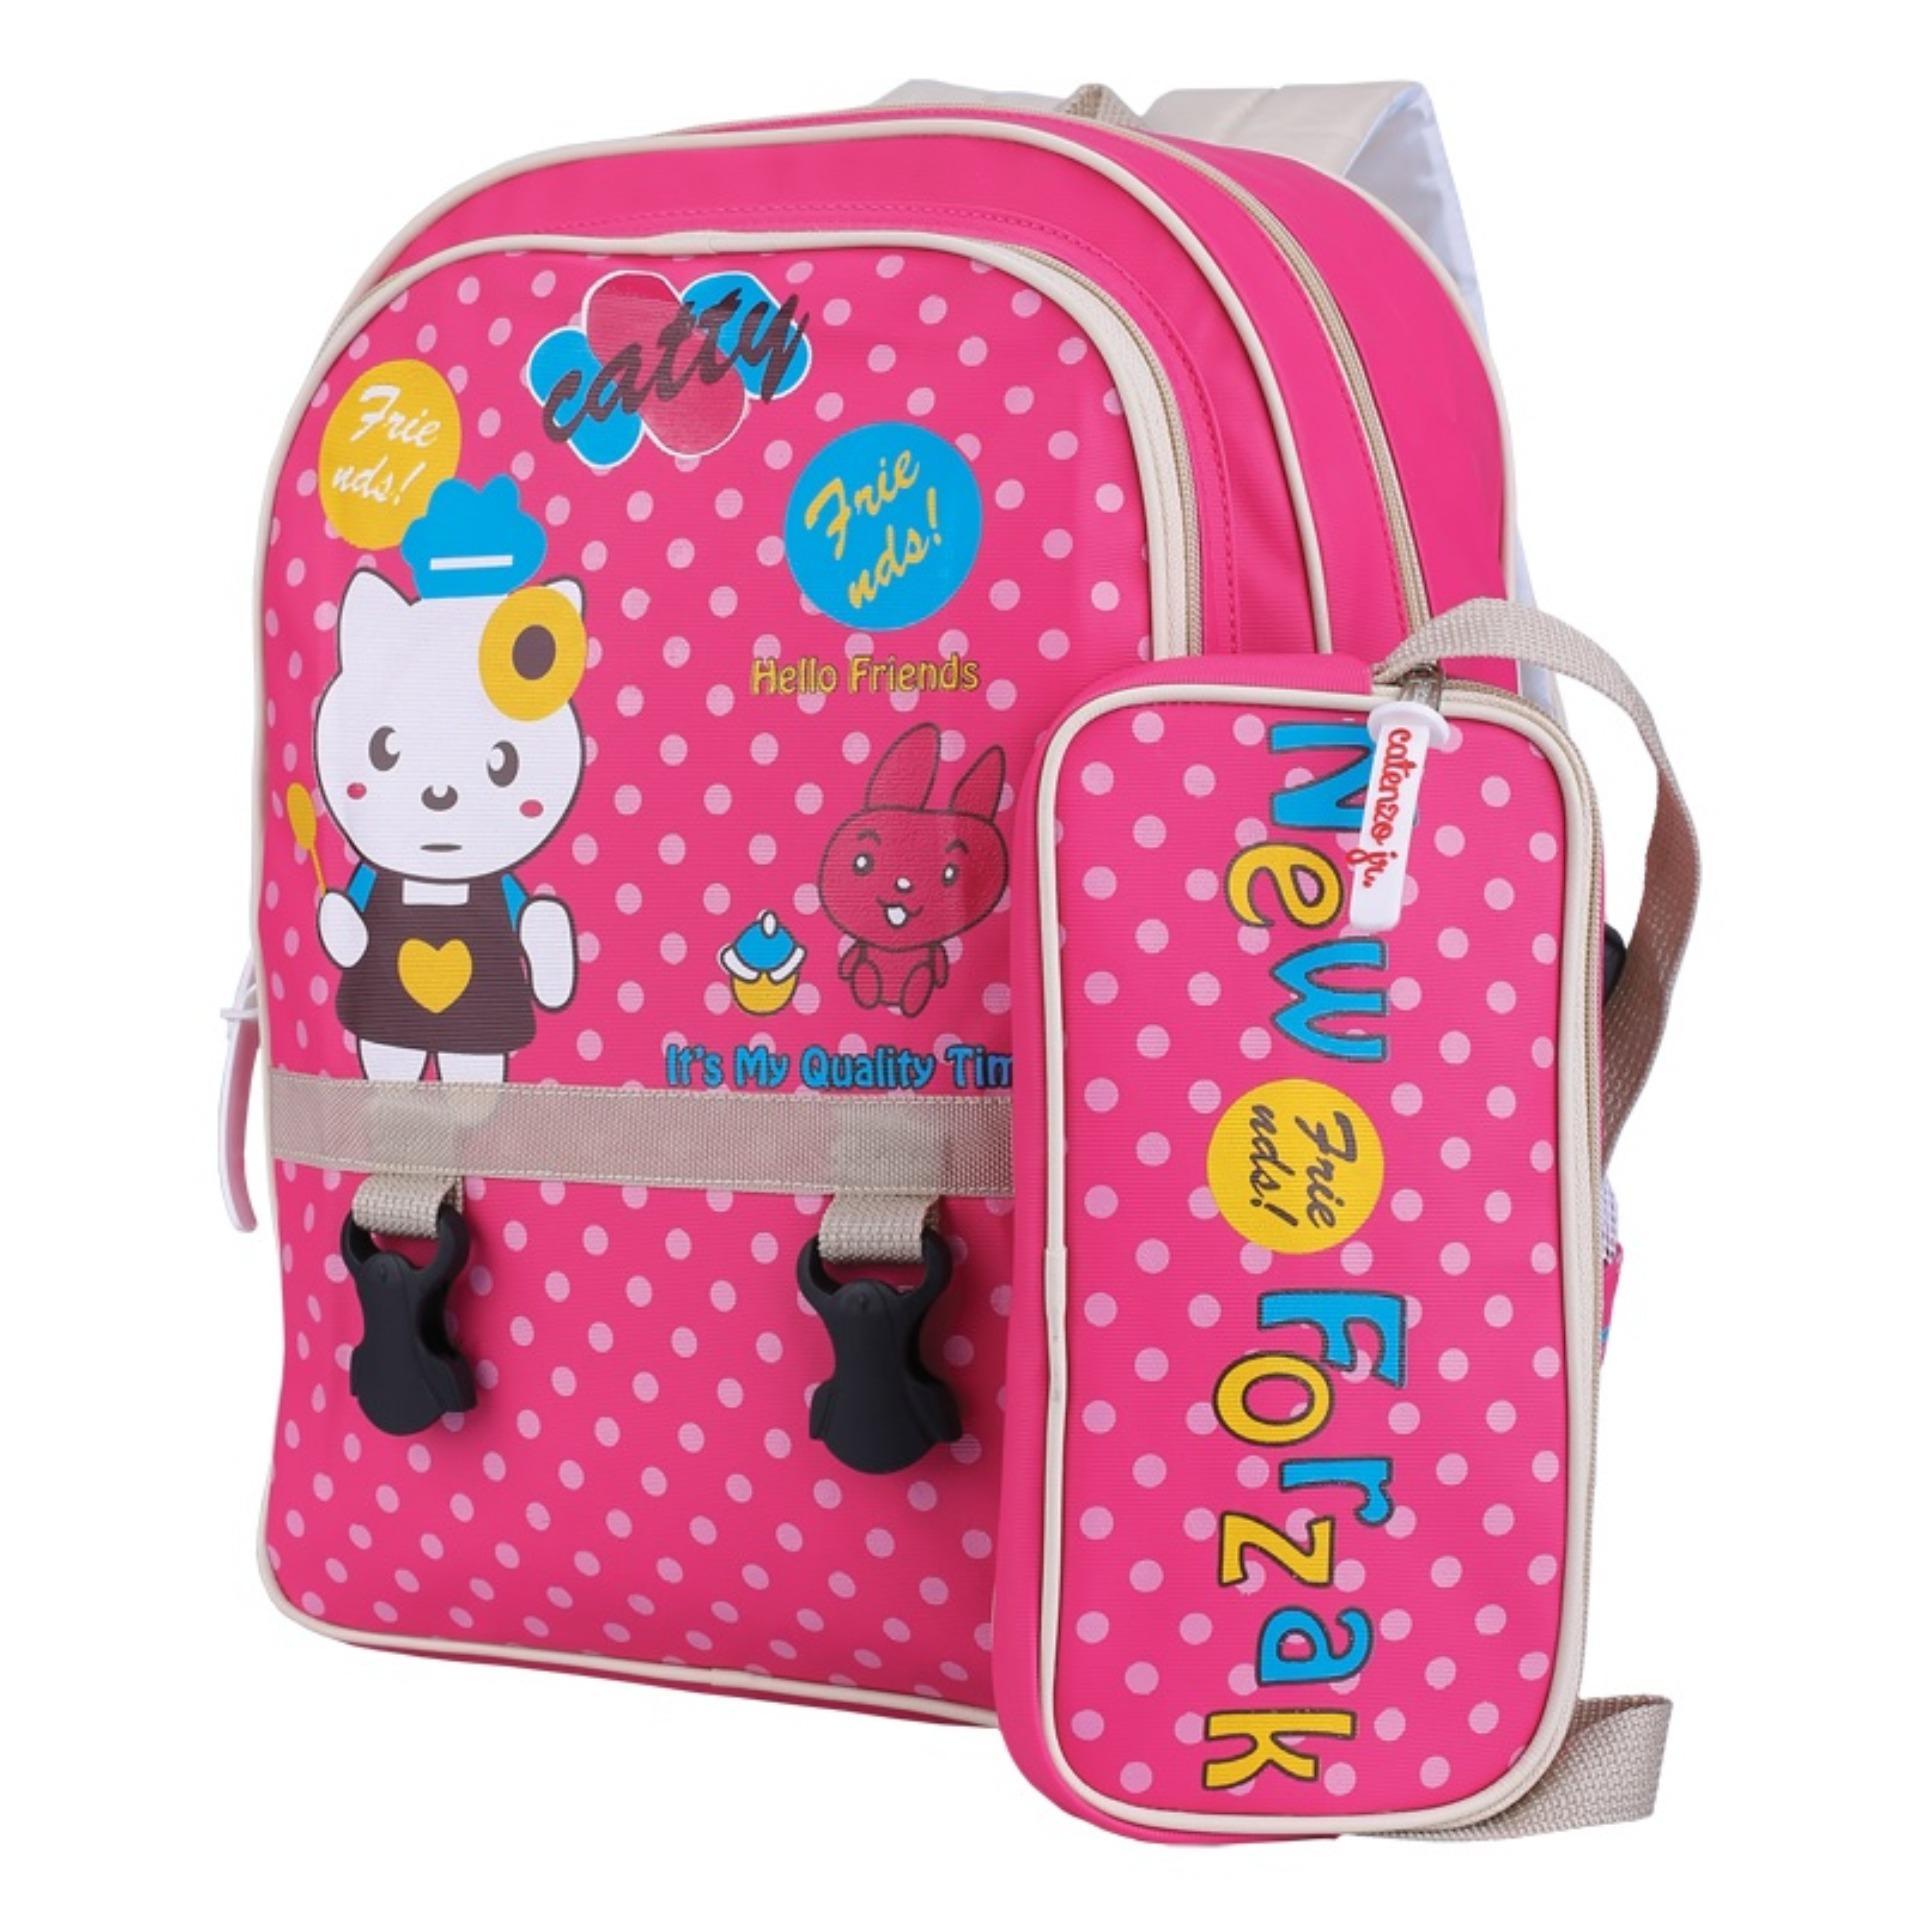 Catenzo Junior Tas Ransel Anak Laki Dolby Merah8 Lihat Daftar Garucci Sekolah Sintetis Tng 3205 Merah Warna Pink Backpack Casual Perempuan